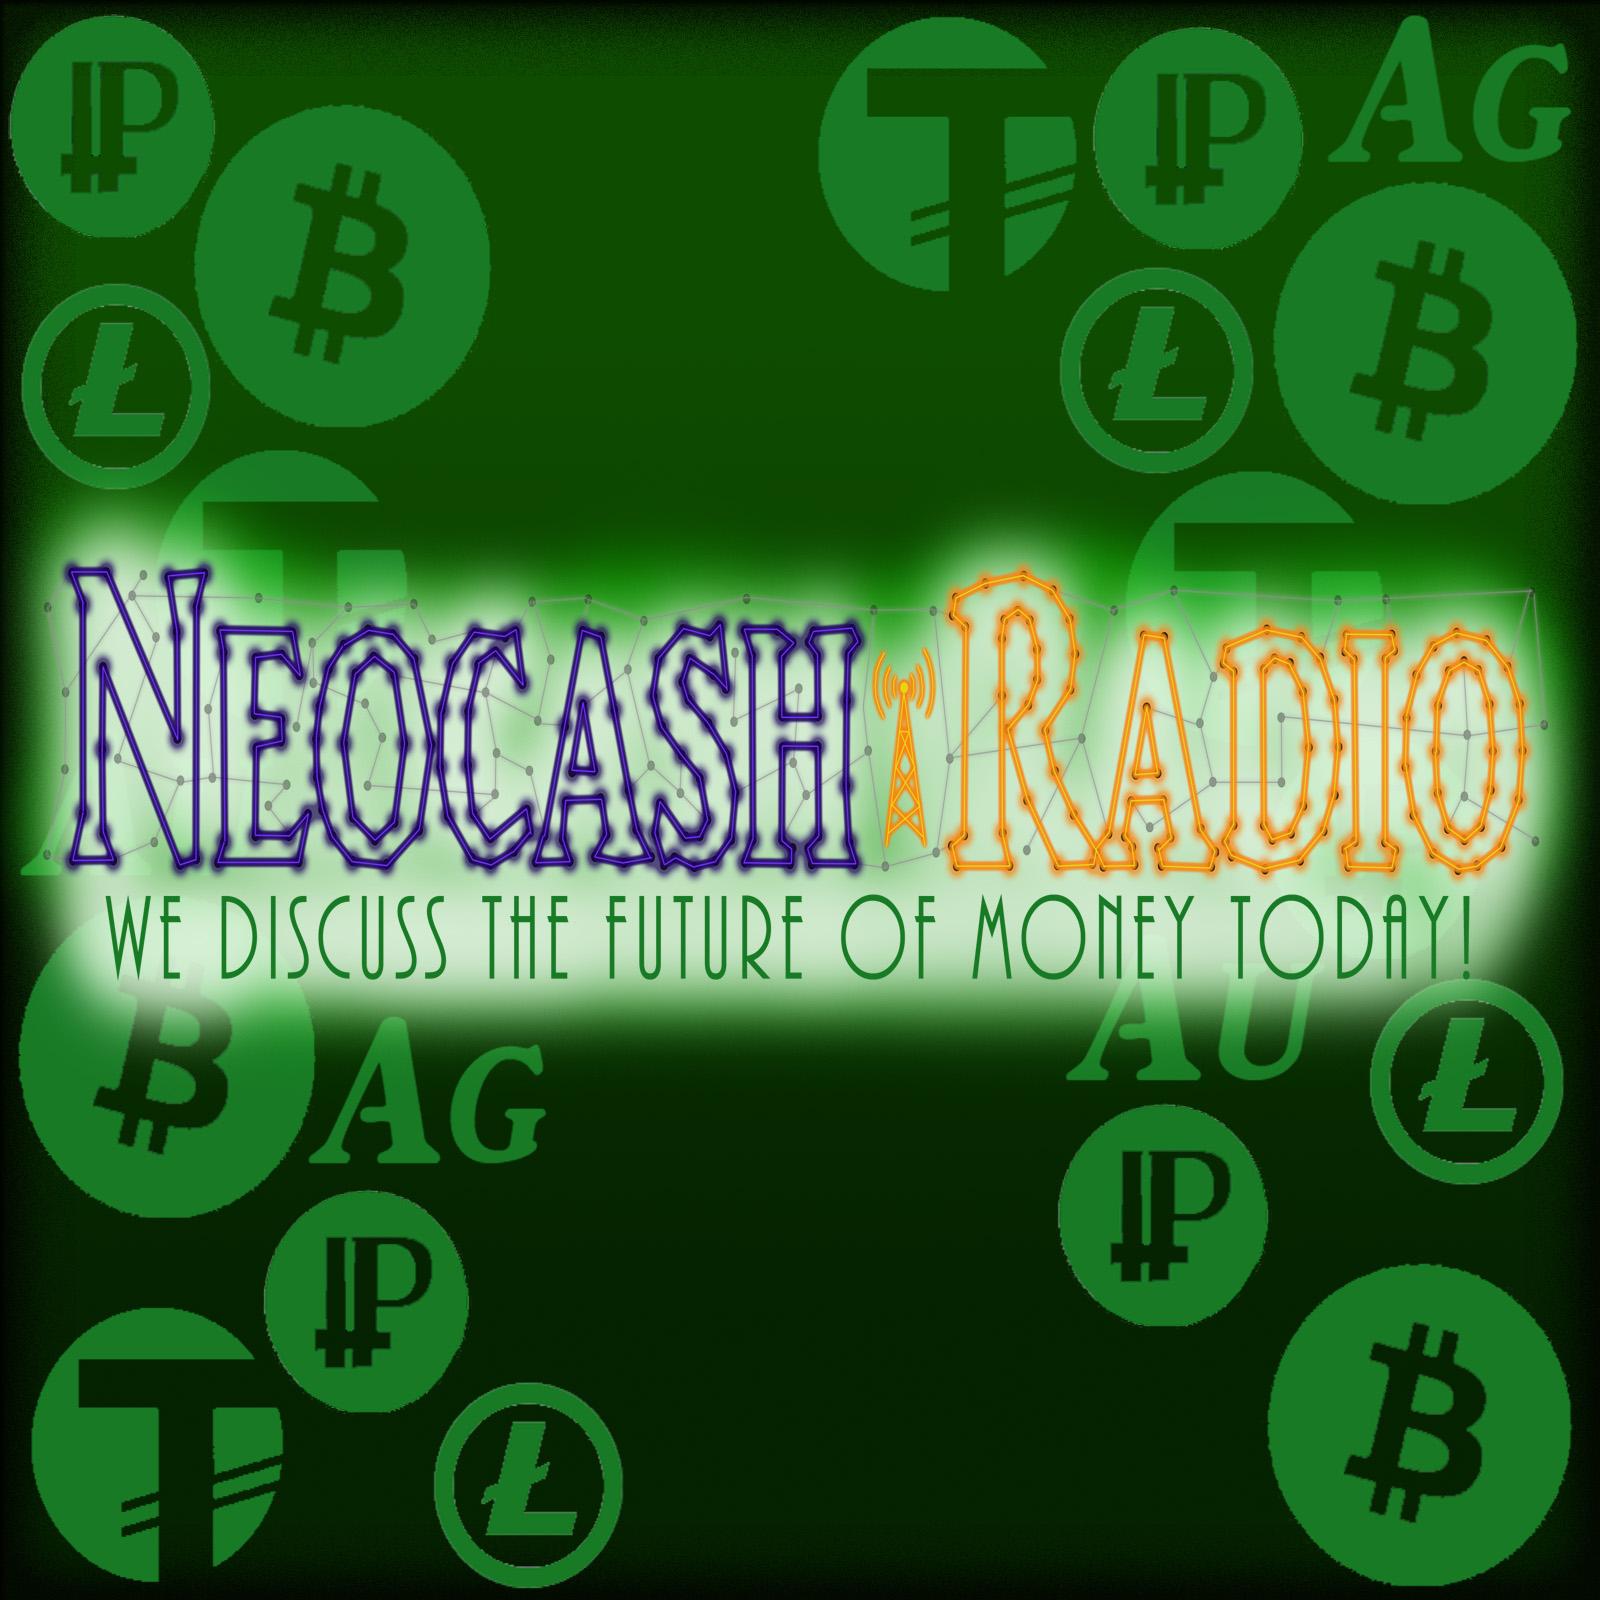 Neocash Radio - Episode 163